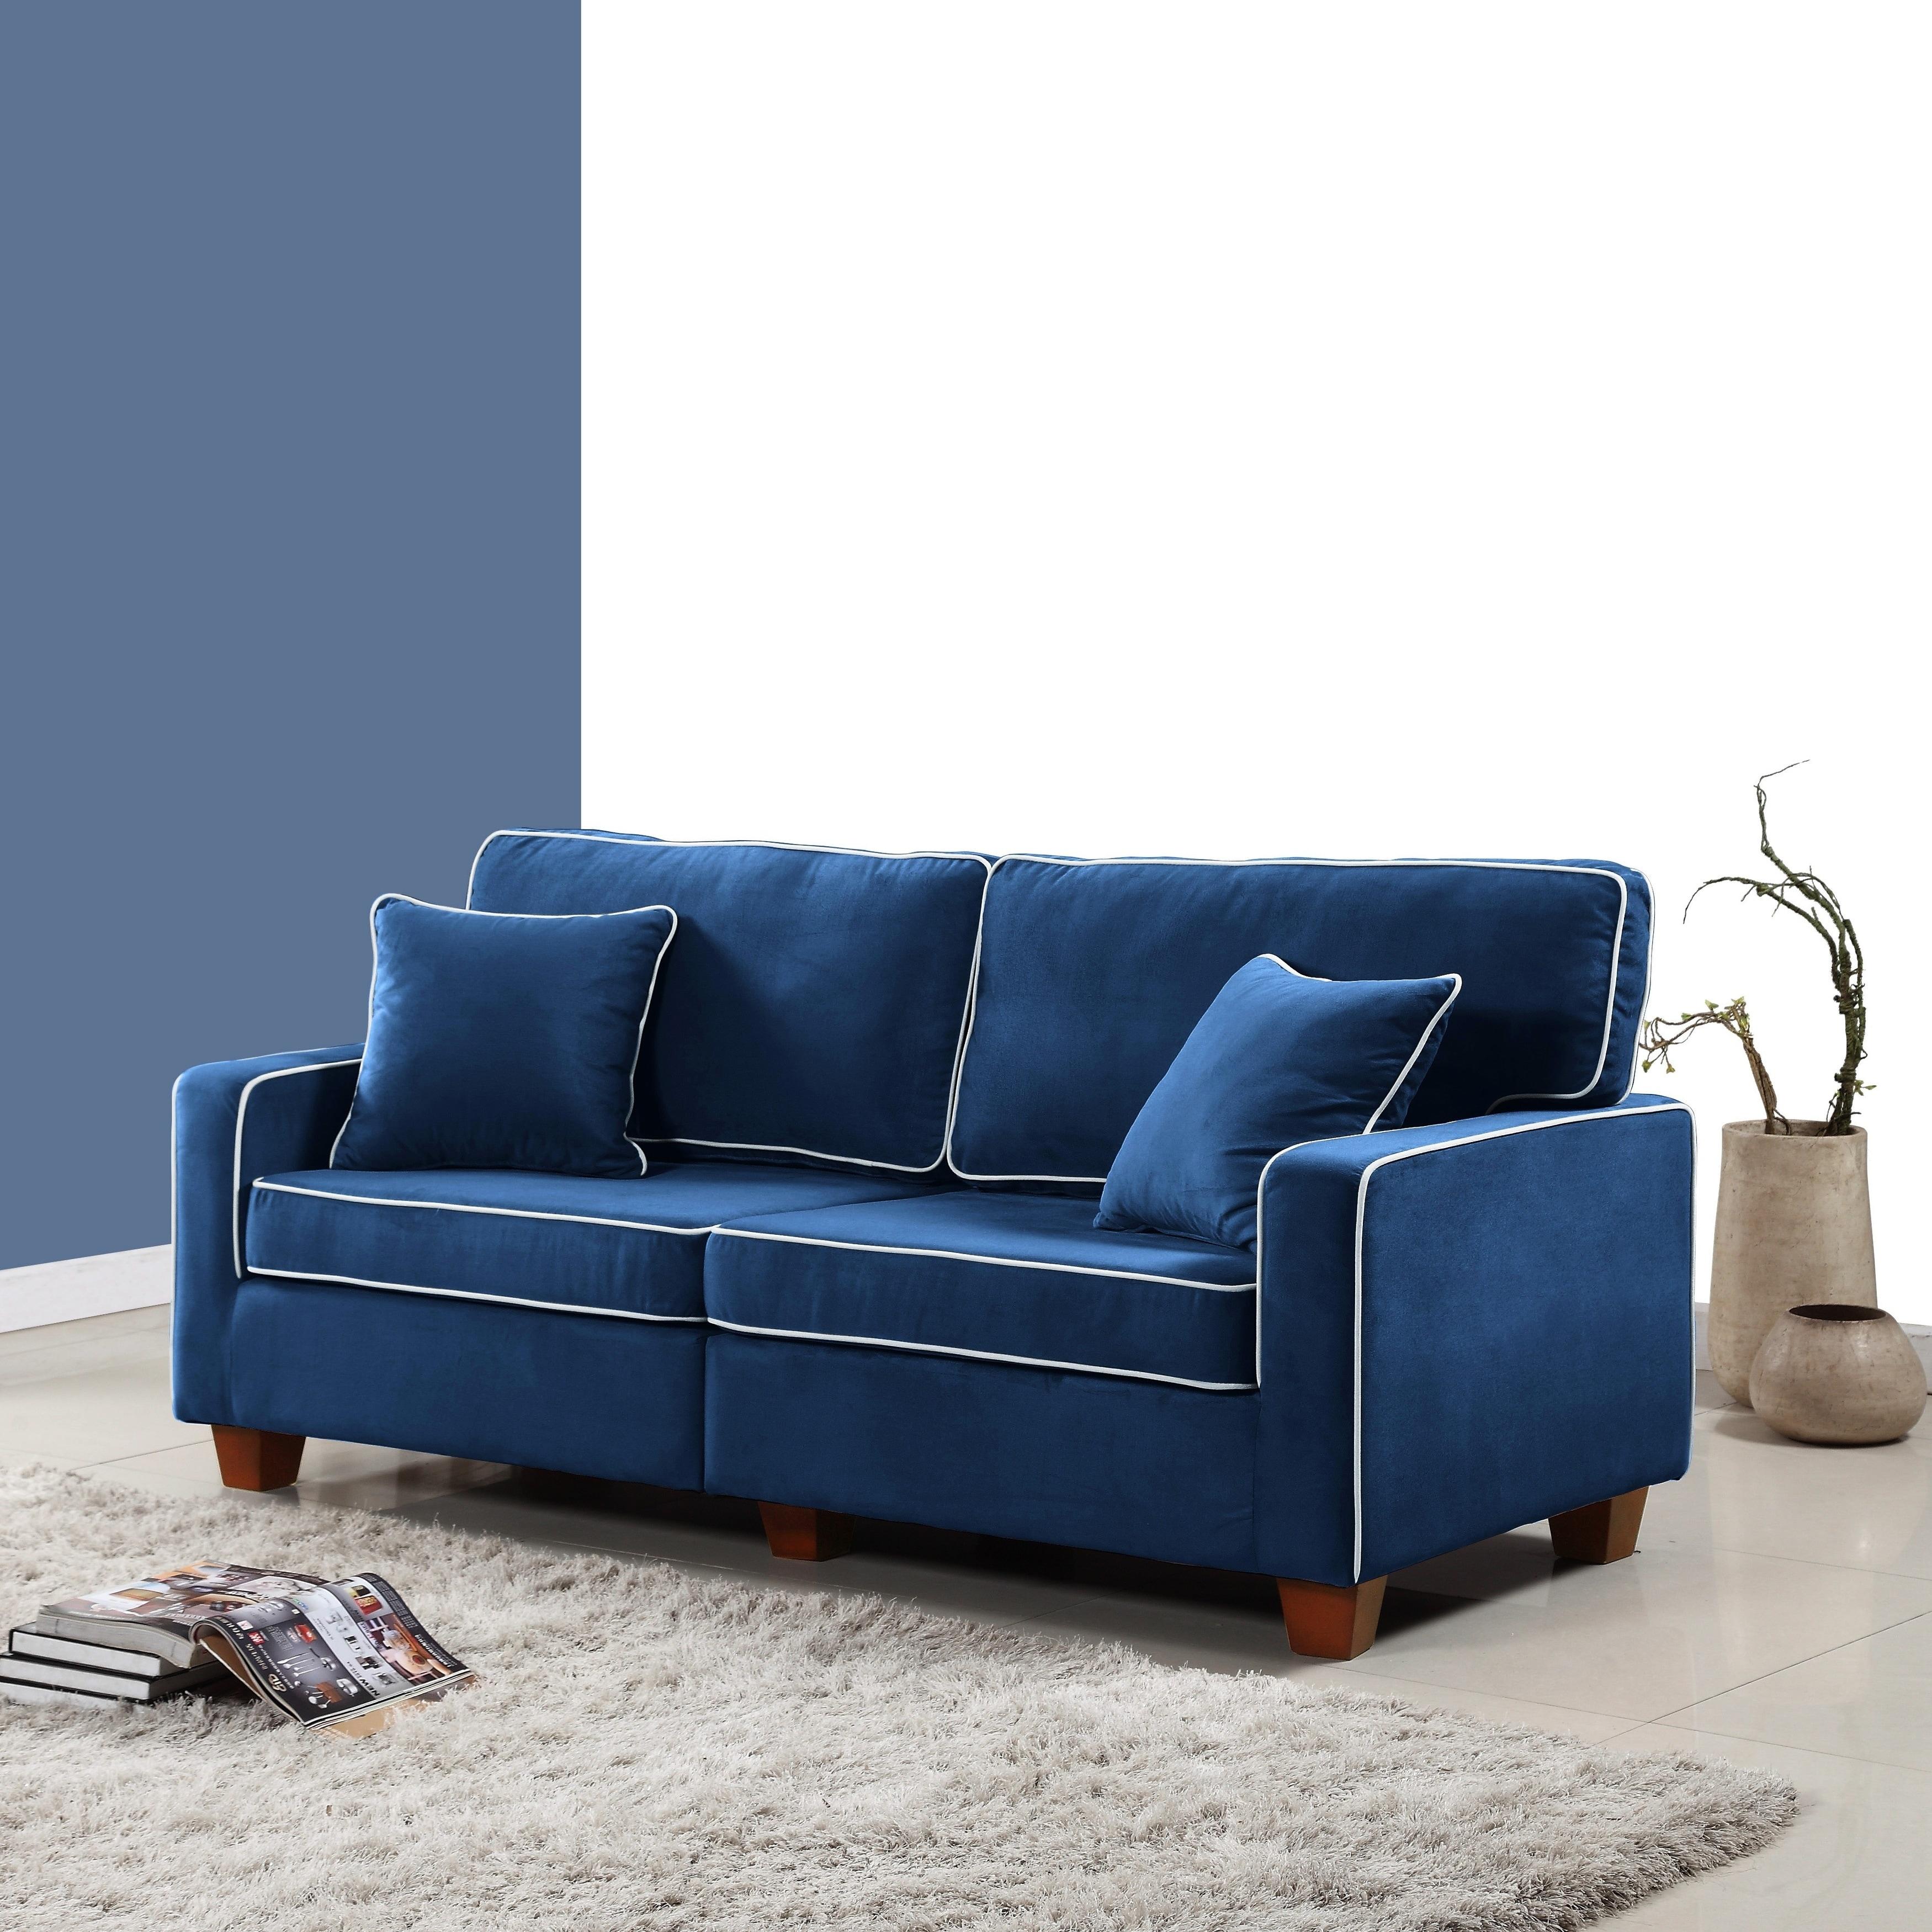 Modern Two Tone Velvet Fabric Living Room Love Seat Sofa